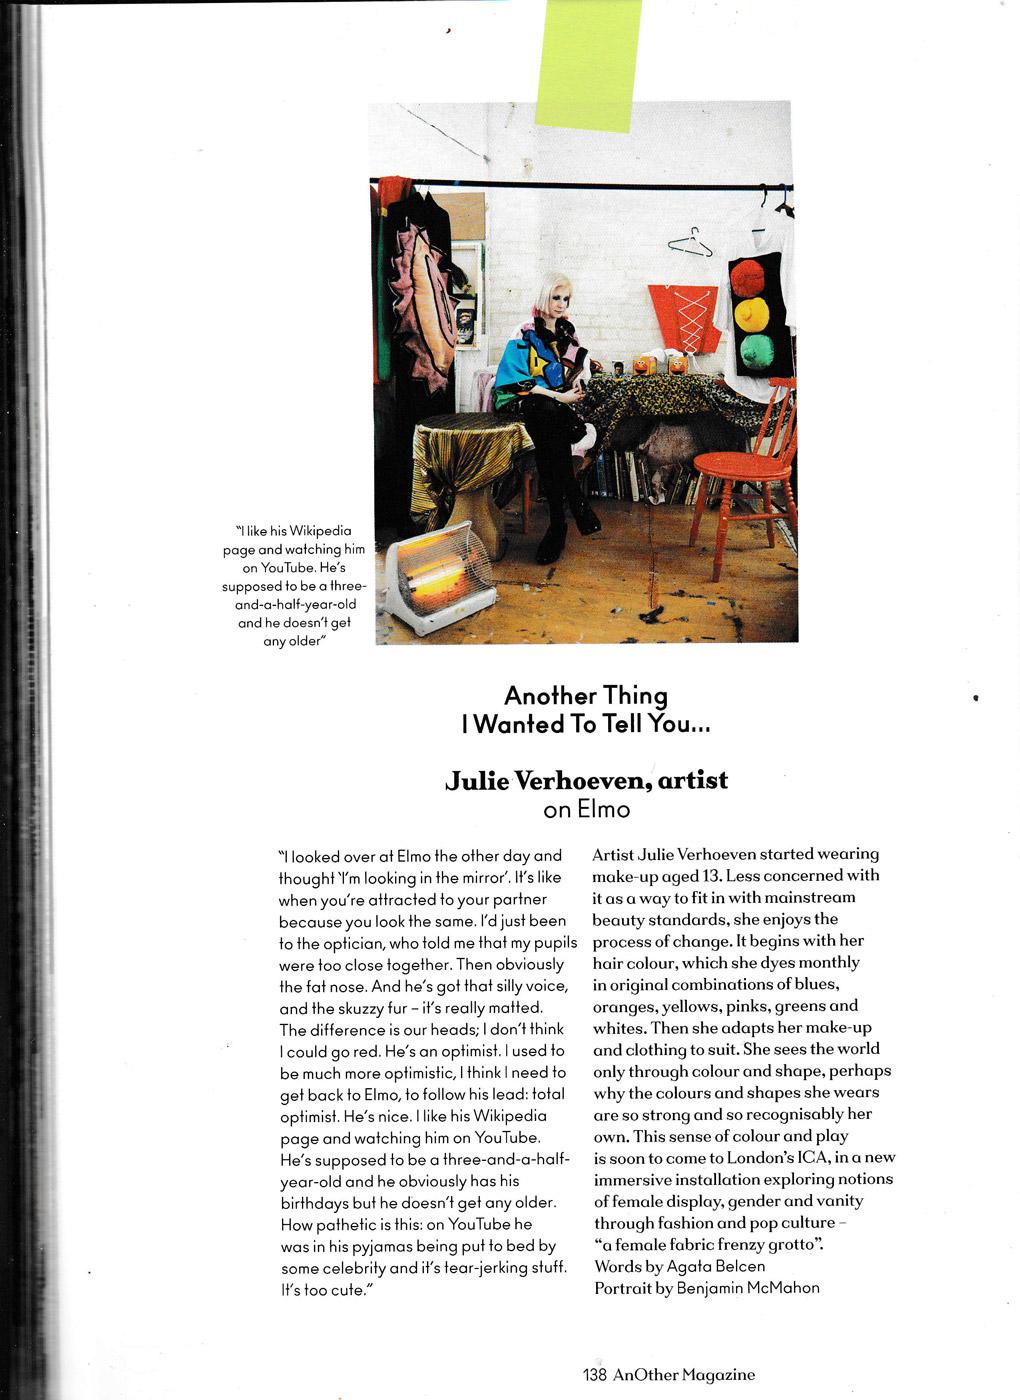 JulieVerhoeven_AnotherMagazine